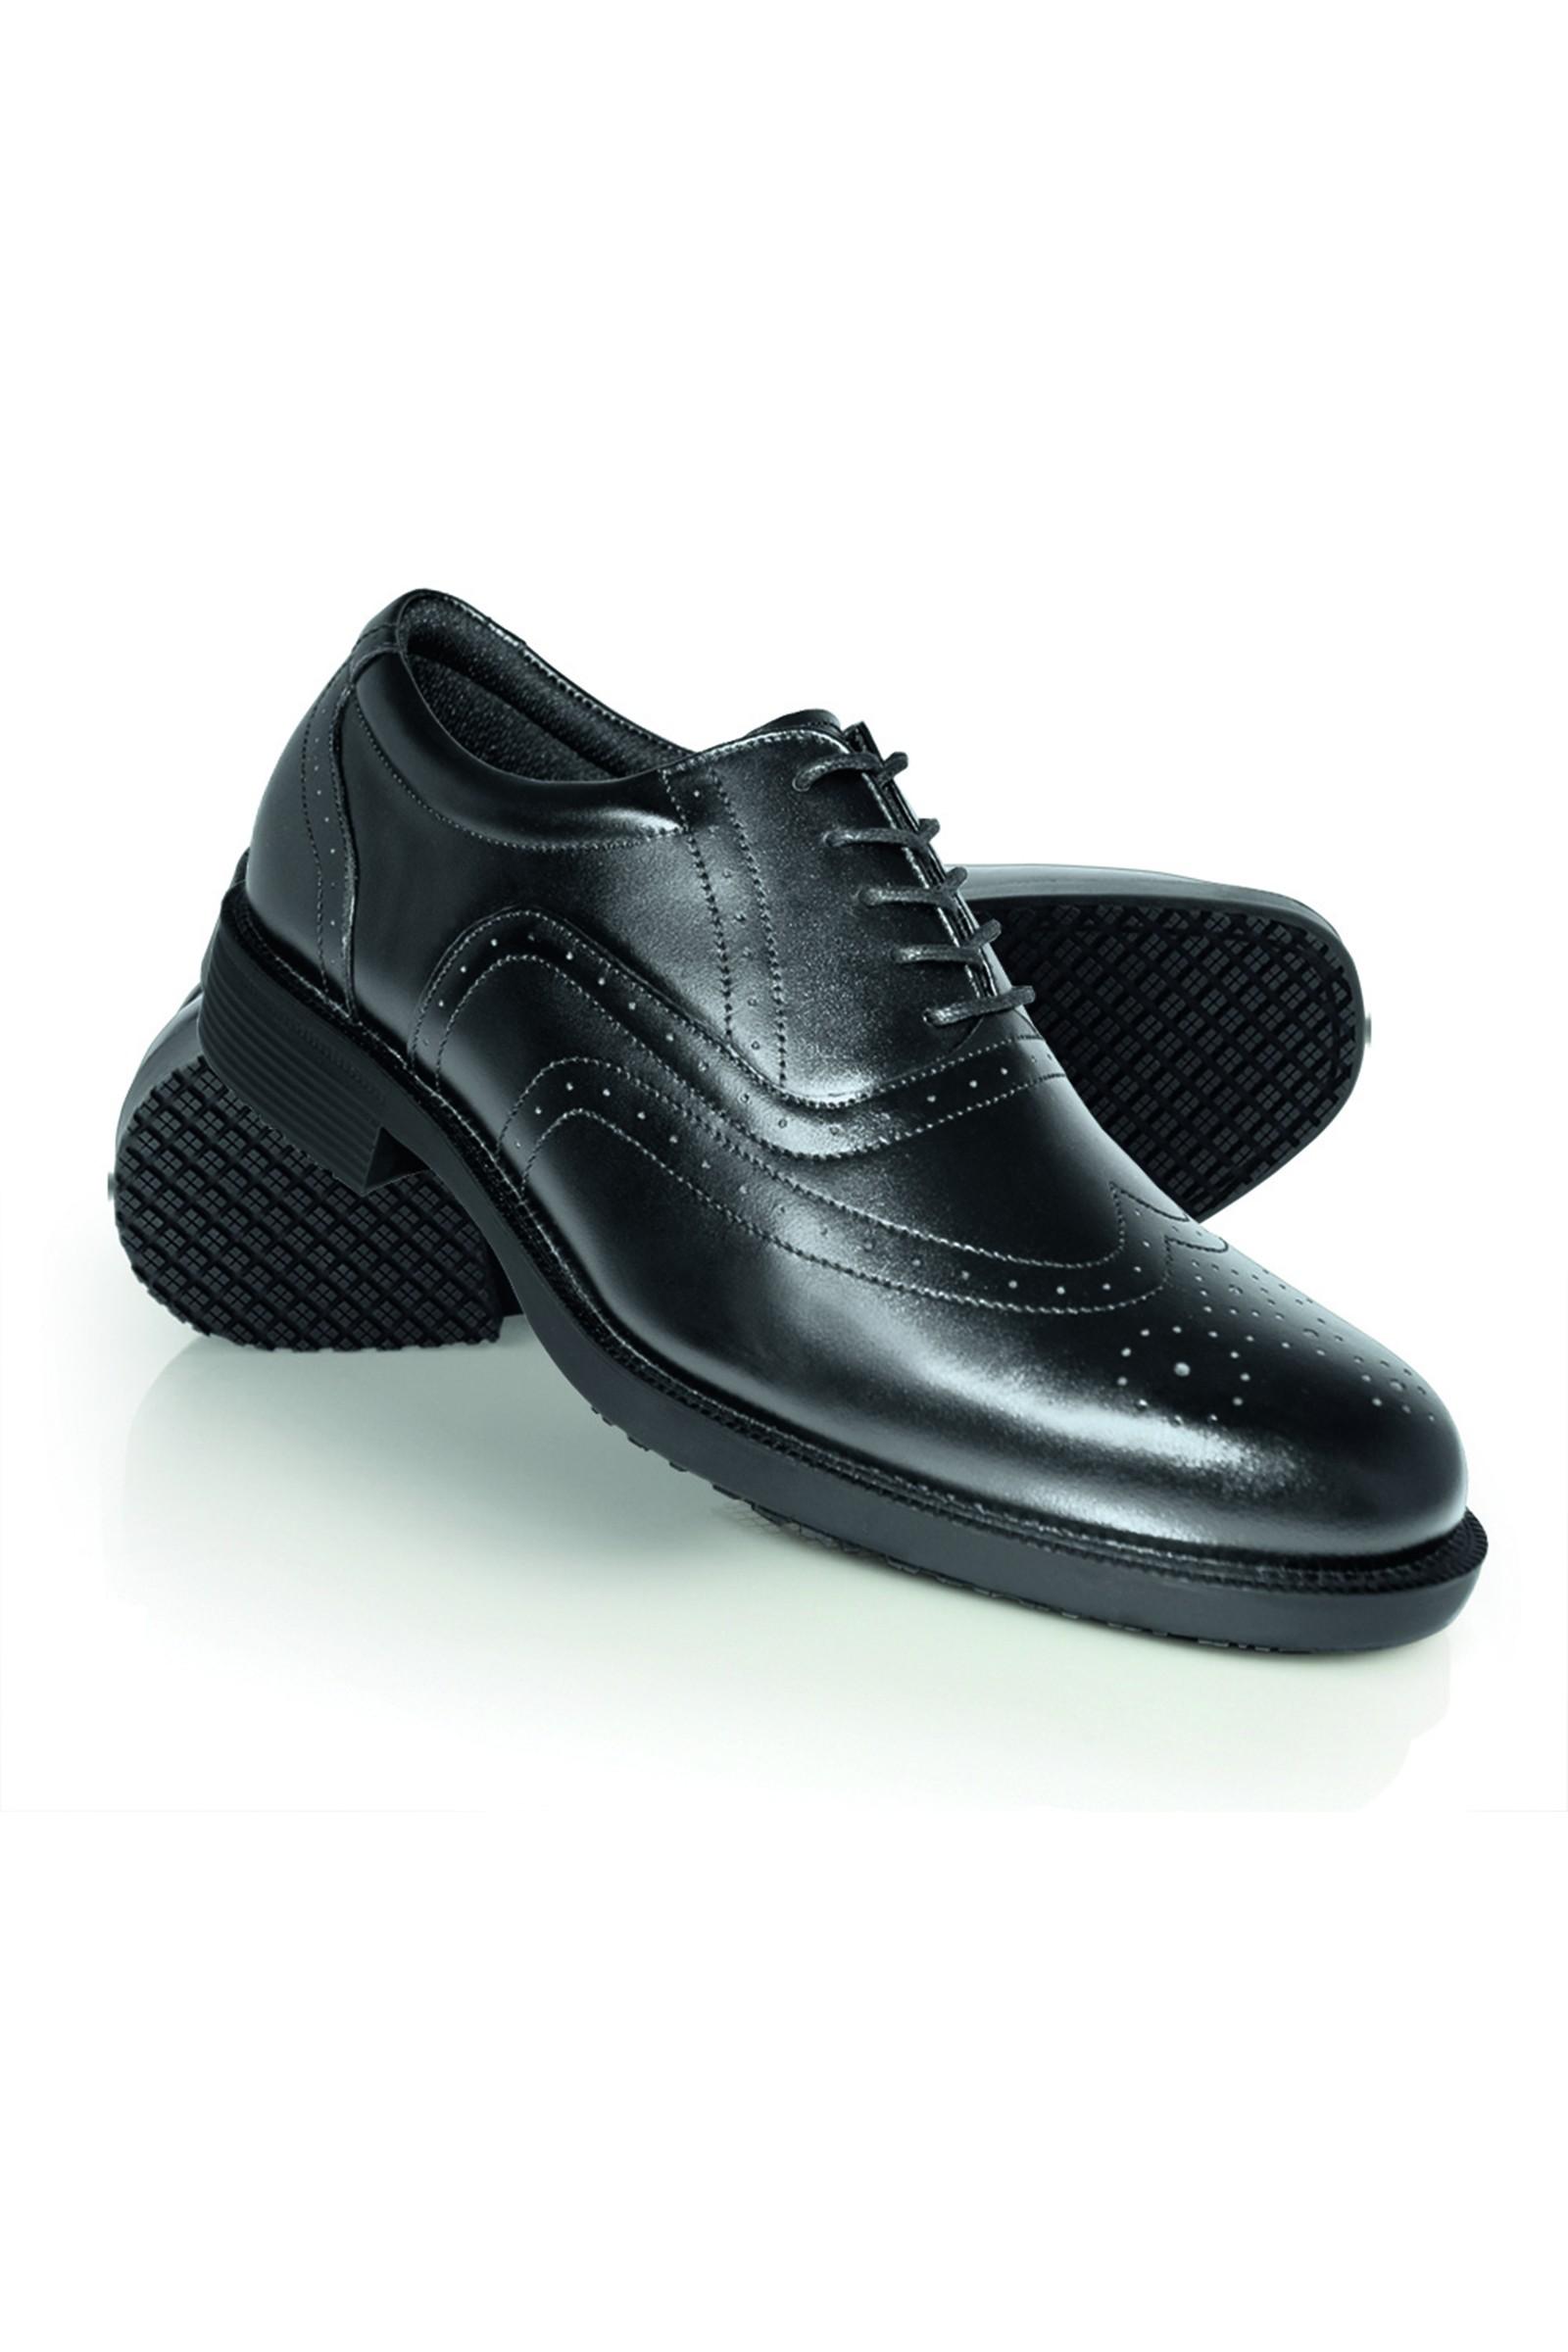 Chaussures addiction : Les recommandations d'un addict du shopping pour vos achats de chaussures